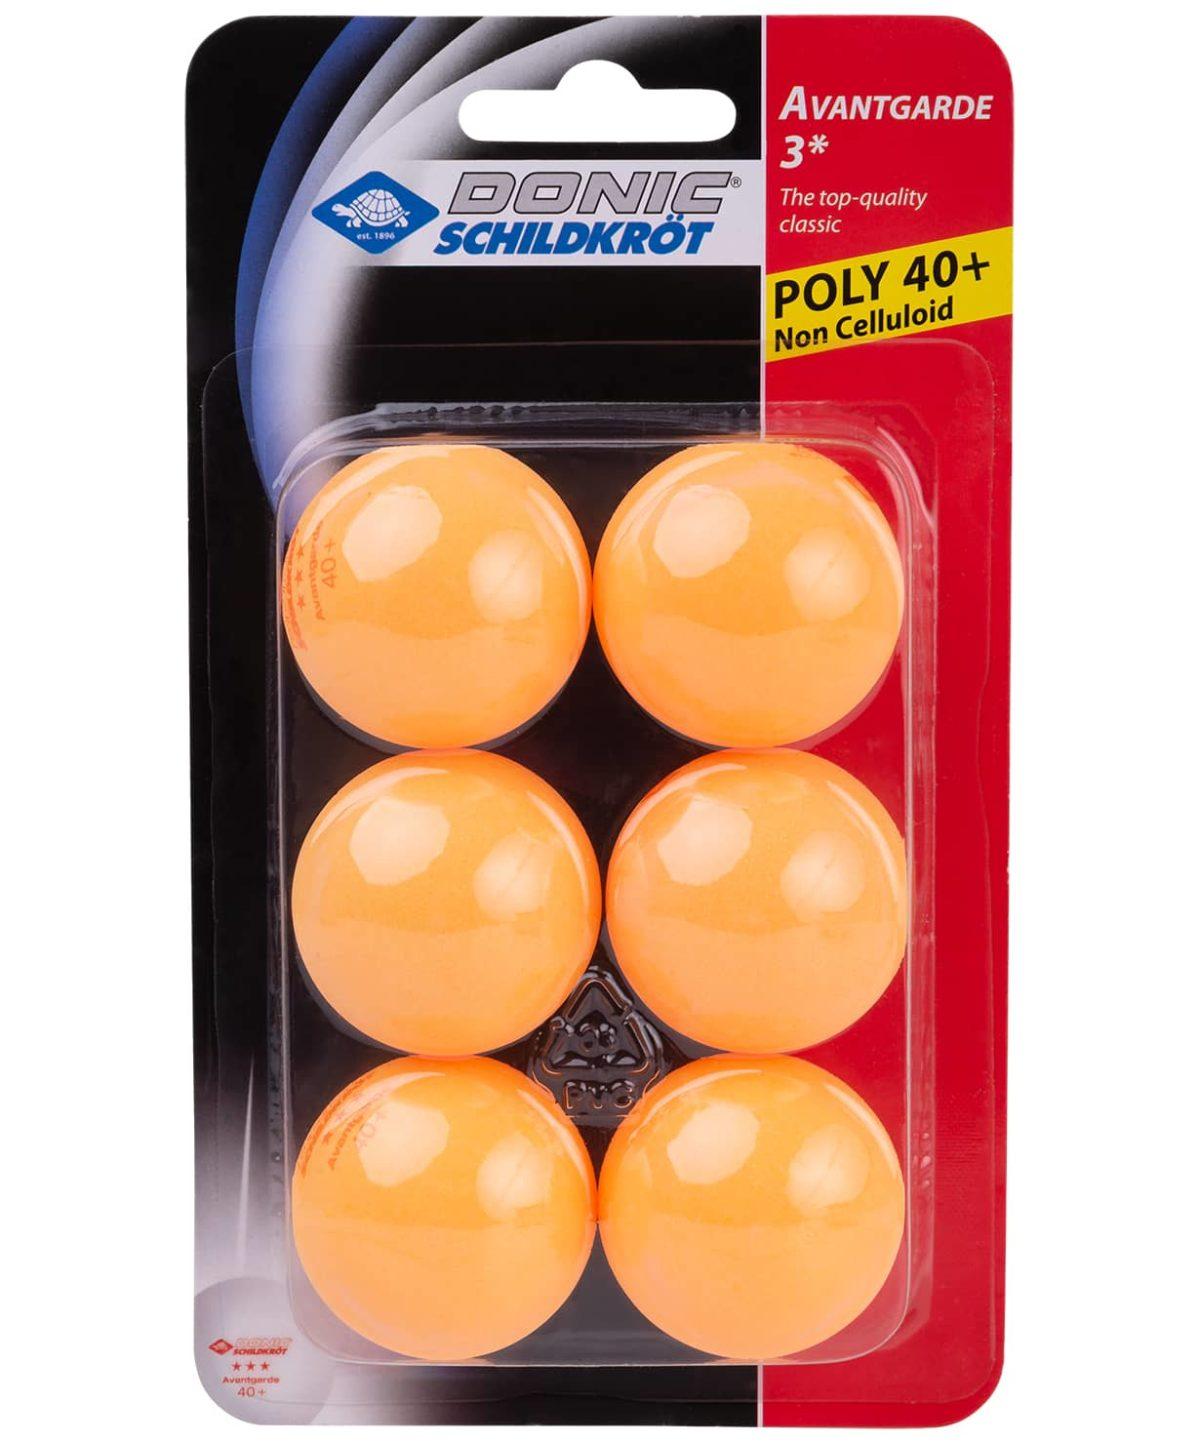 DONIC Schildkroet Avantgarde 3*** Мяч для настольного тенниса  608530: оранжевый - 1